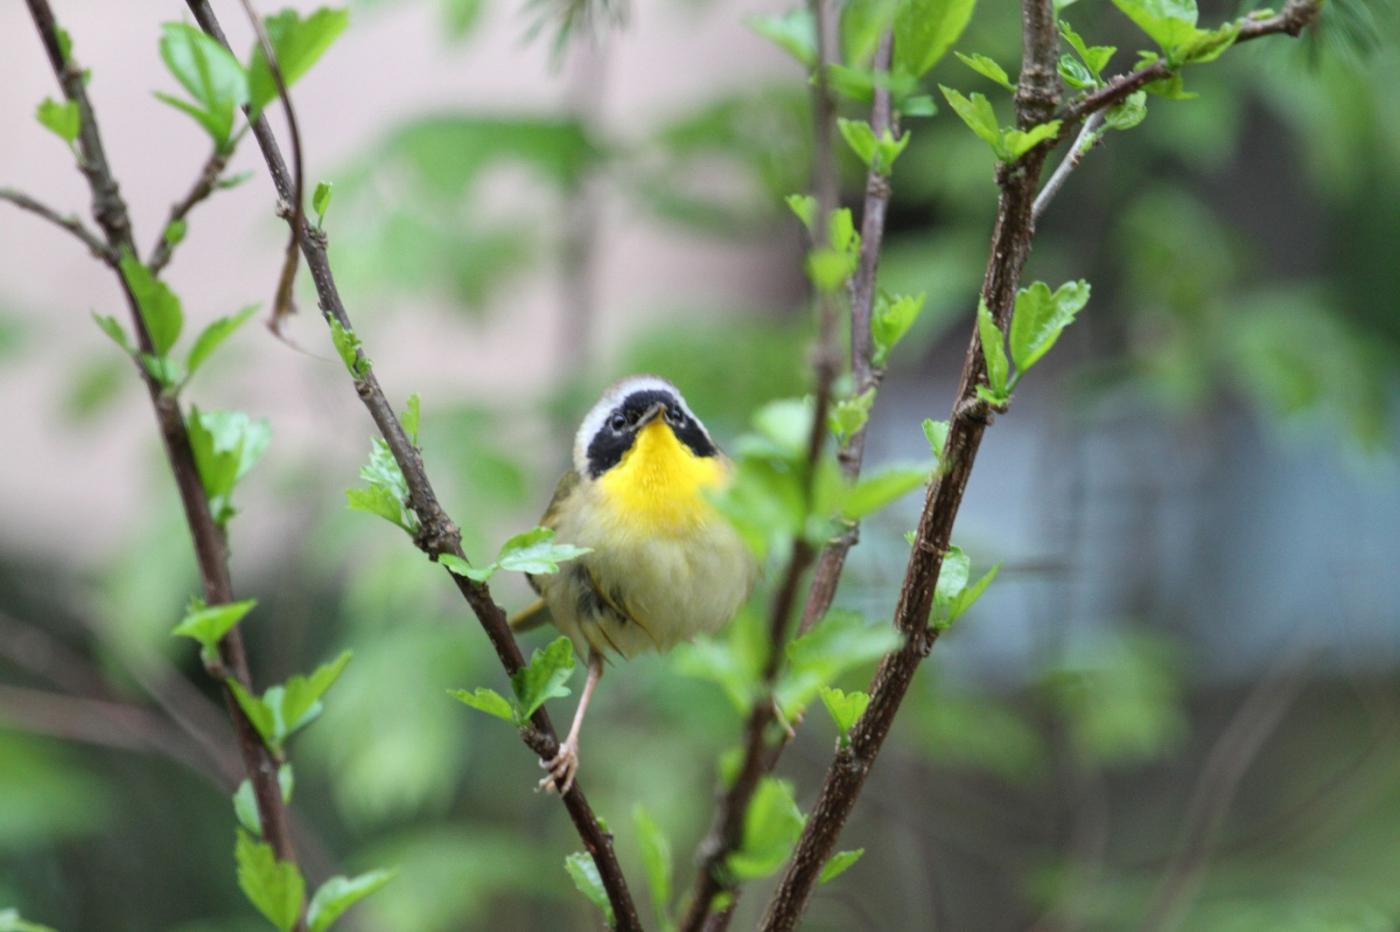 【田螺摄影】雨后窗外的小黄鸟_图1-5